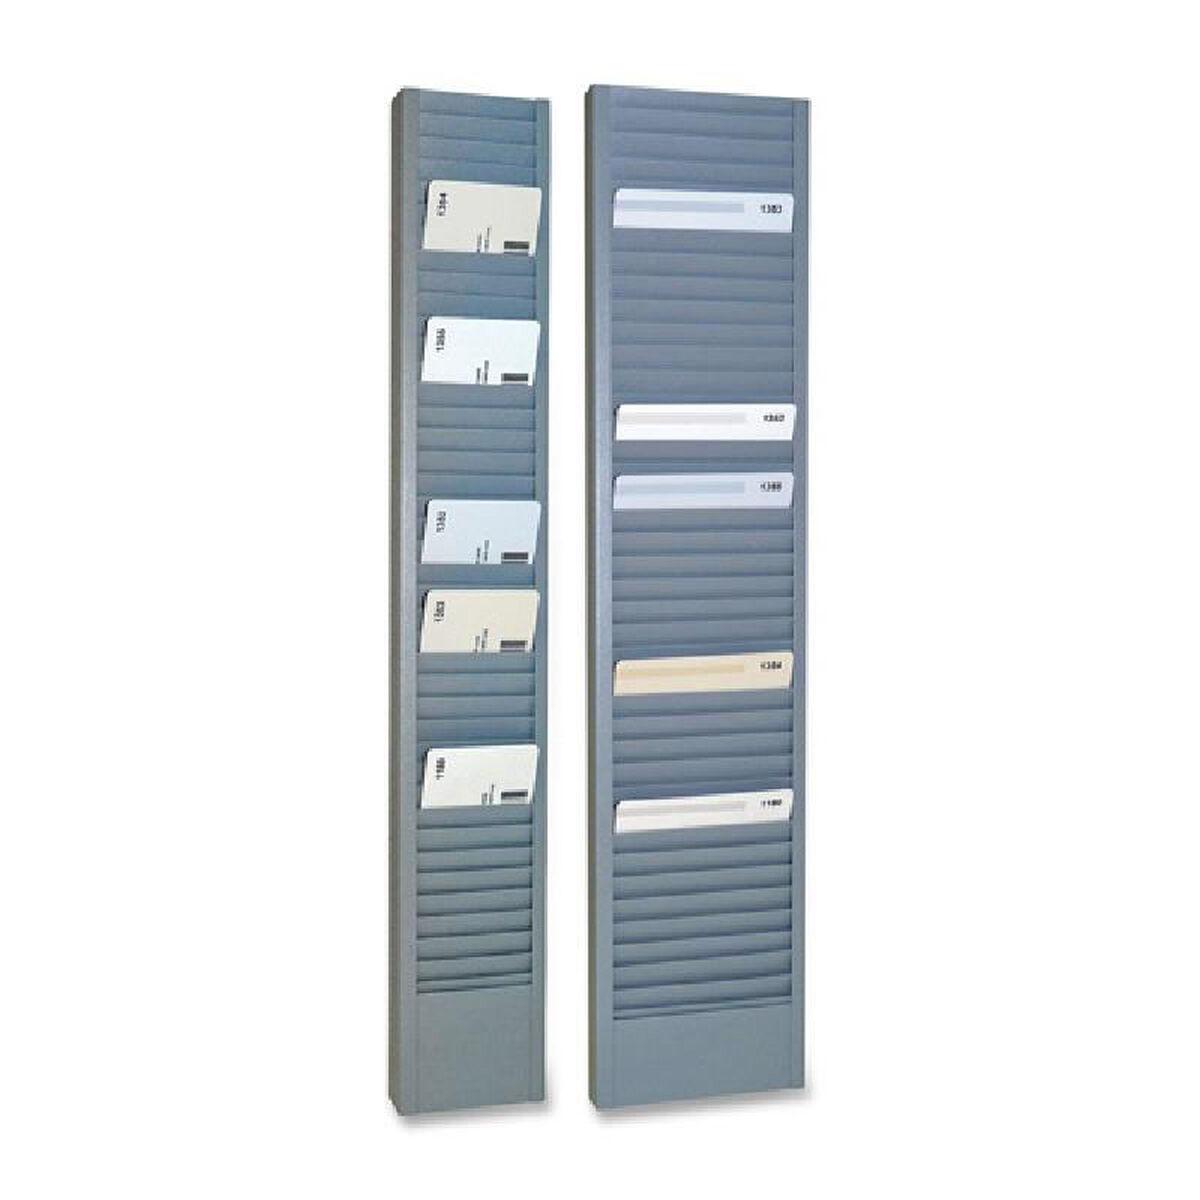 our steelmaster vertical swipe card rack 187 height x 29 width - Card Rack